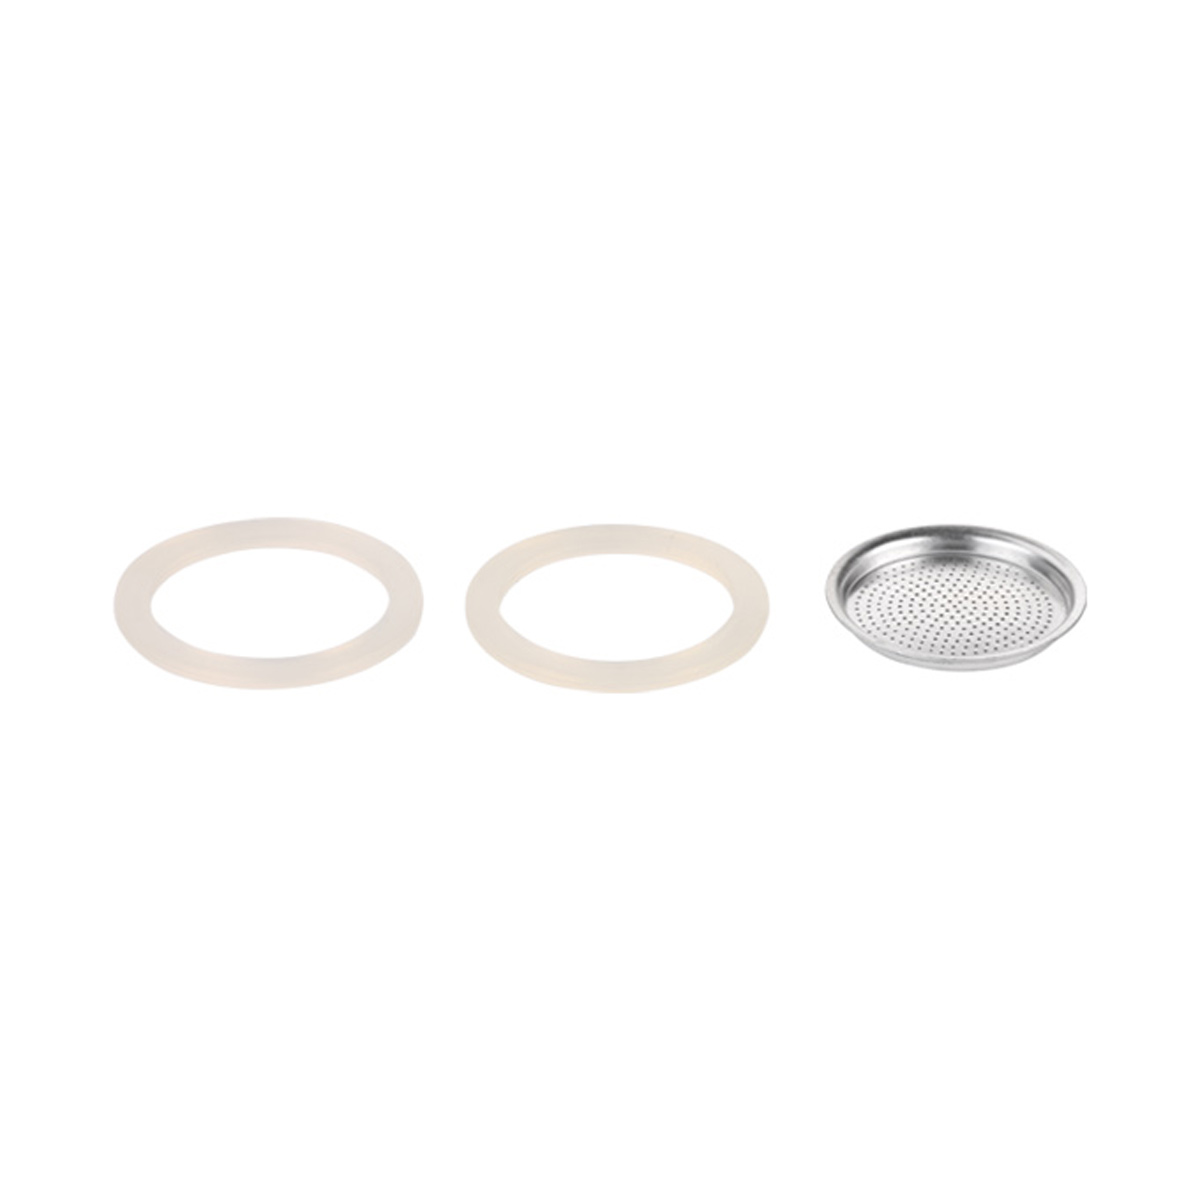 Silikonové těsnění 2 ks a filtr PALOMA 3 šálky